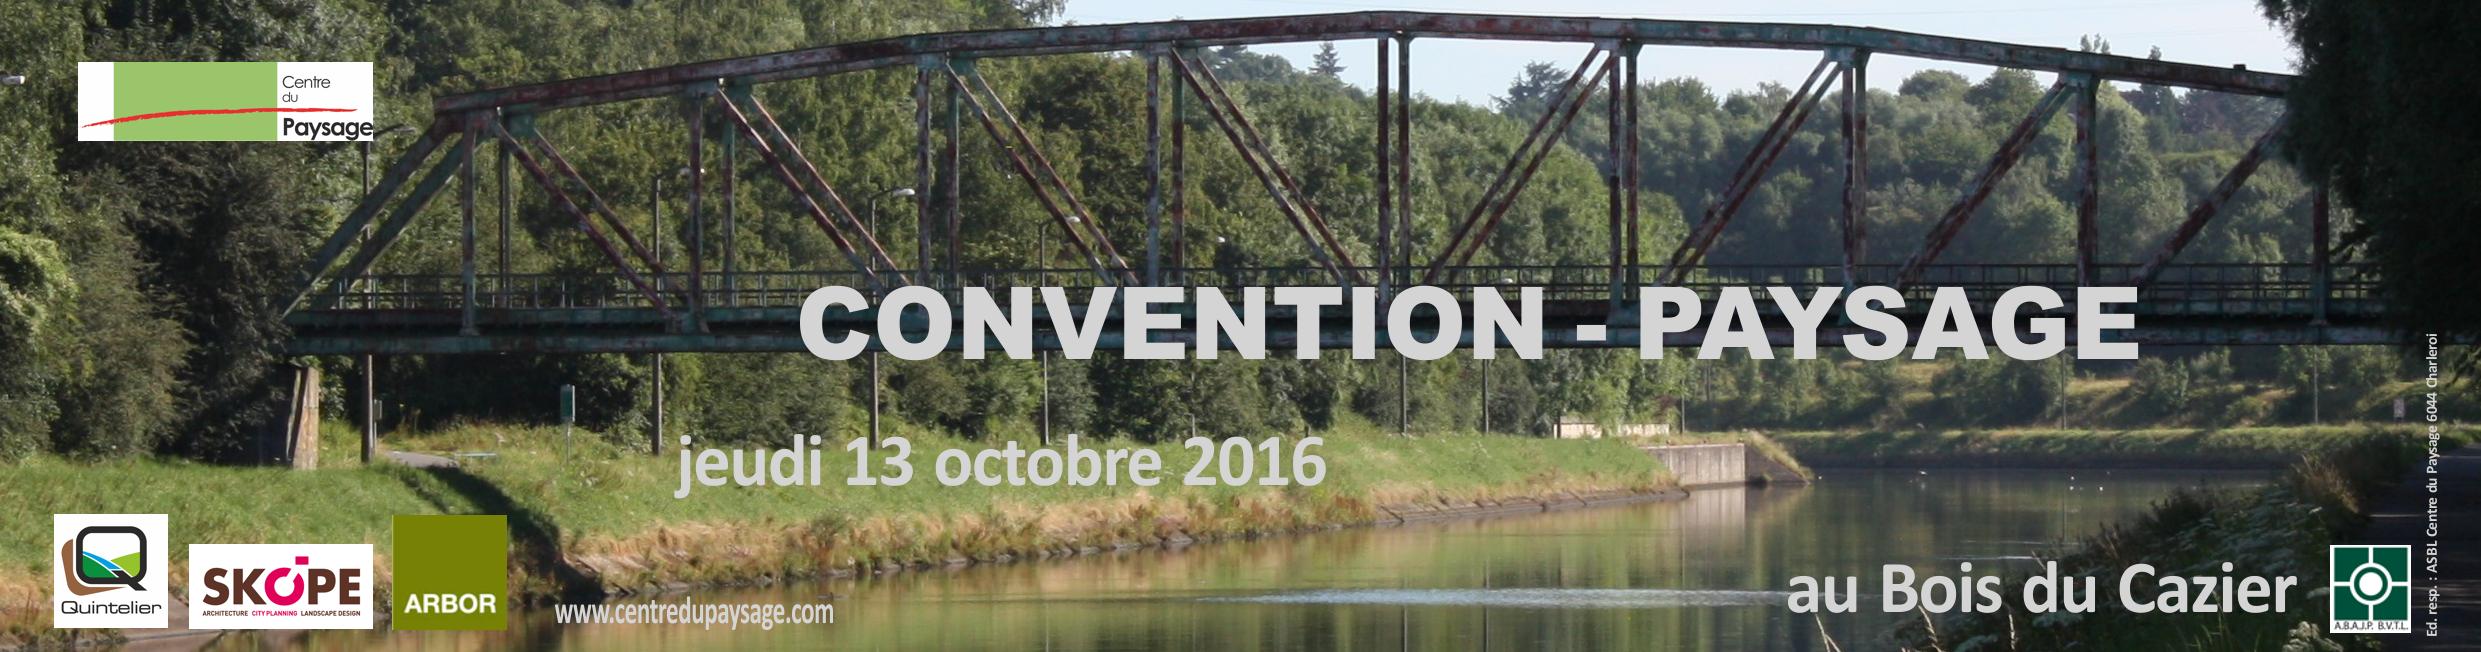 CONVENTION - PAYSAGE 13 octobre 2016 au Bois du Cazier (Marcinelle)